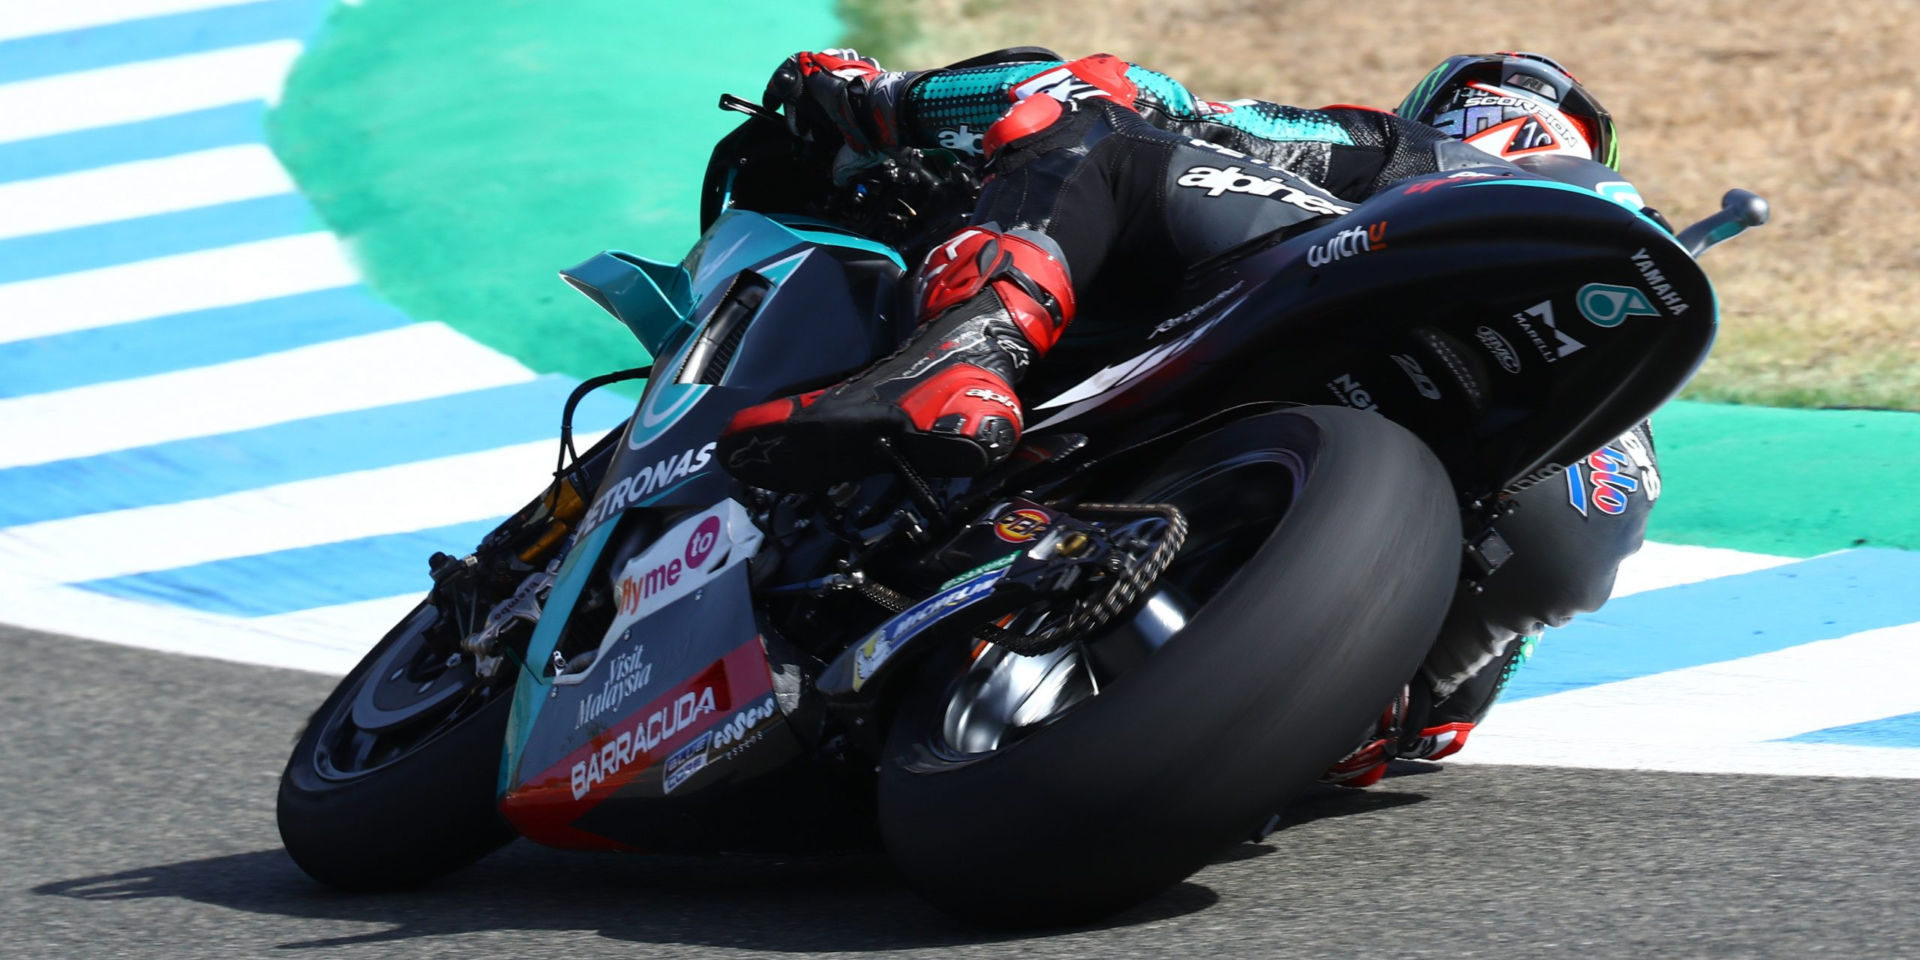 Fabio Quartararo in action at Jerez. Photo courtesy PETRONAS Yamaha SRT.